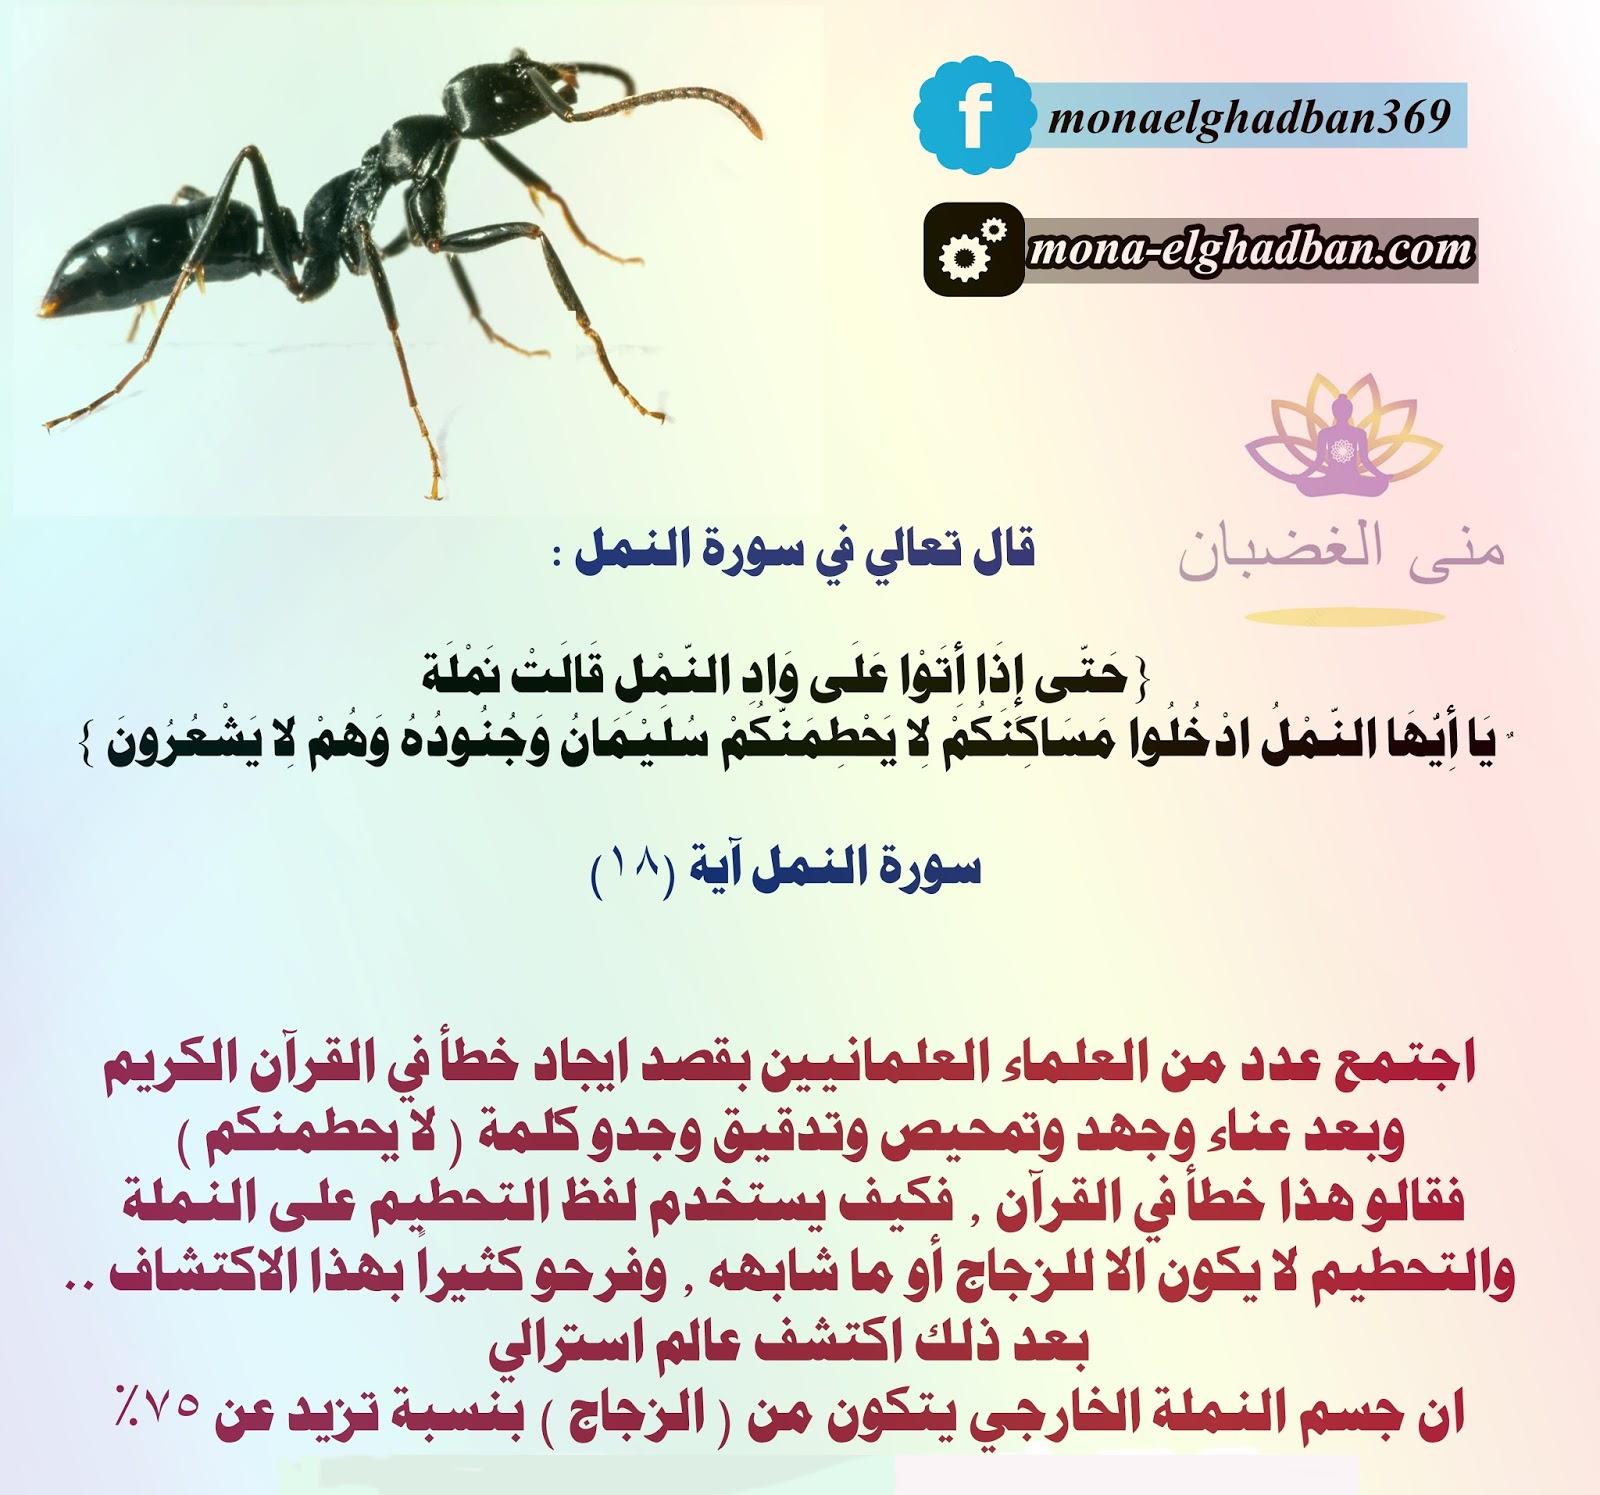 كيف تتواصل مع النمل وتطلب منه الخروج من منزلك منى الغضبان